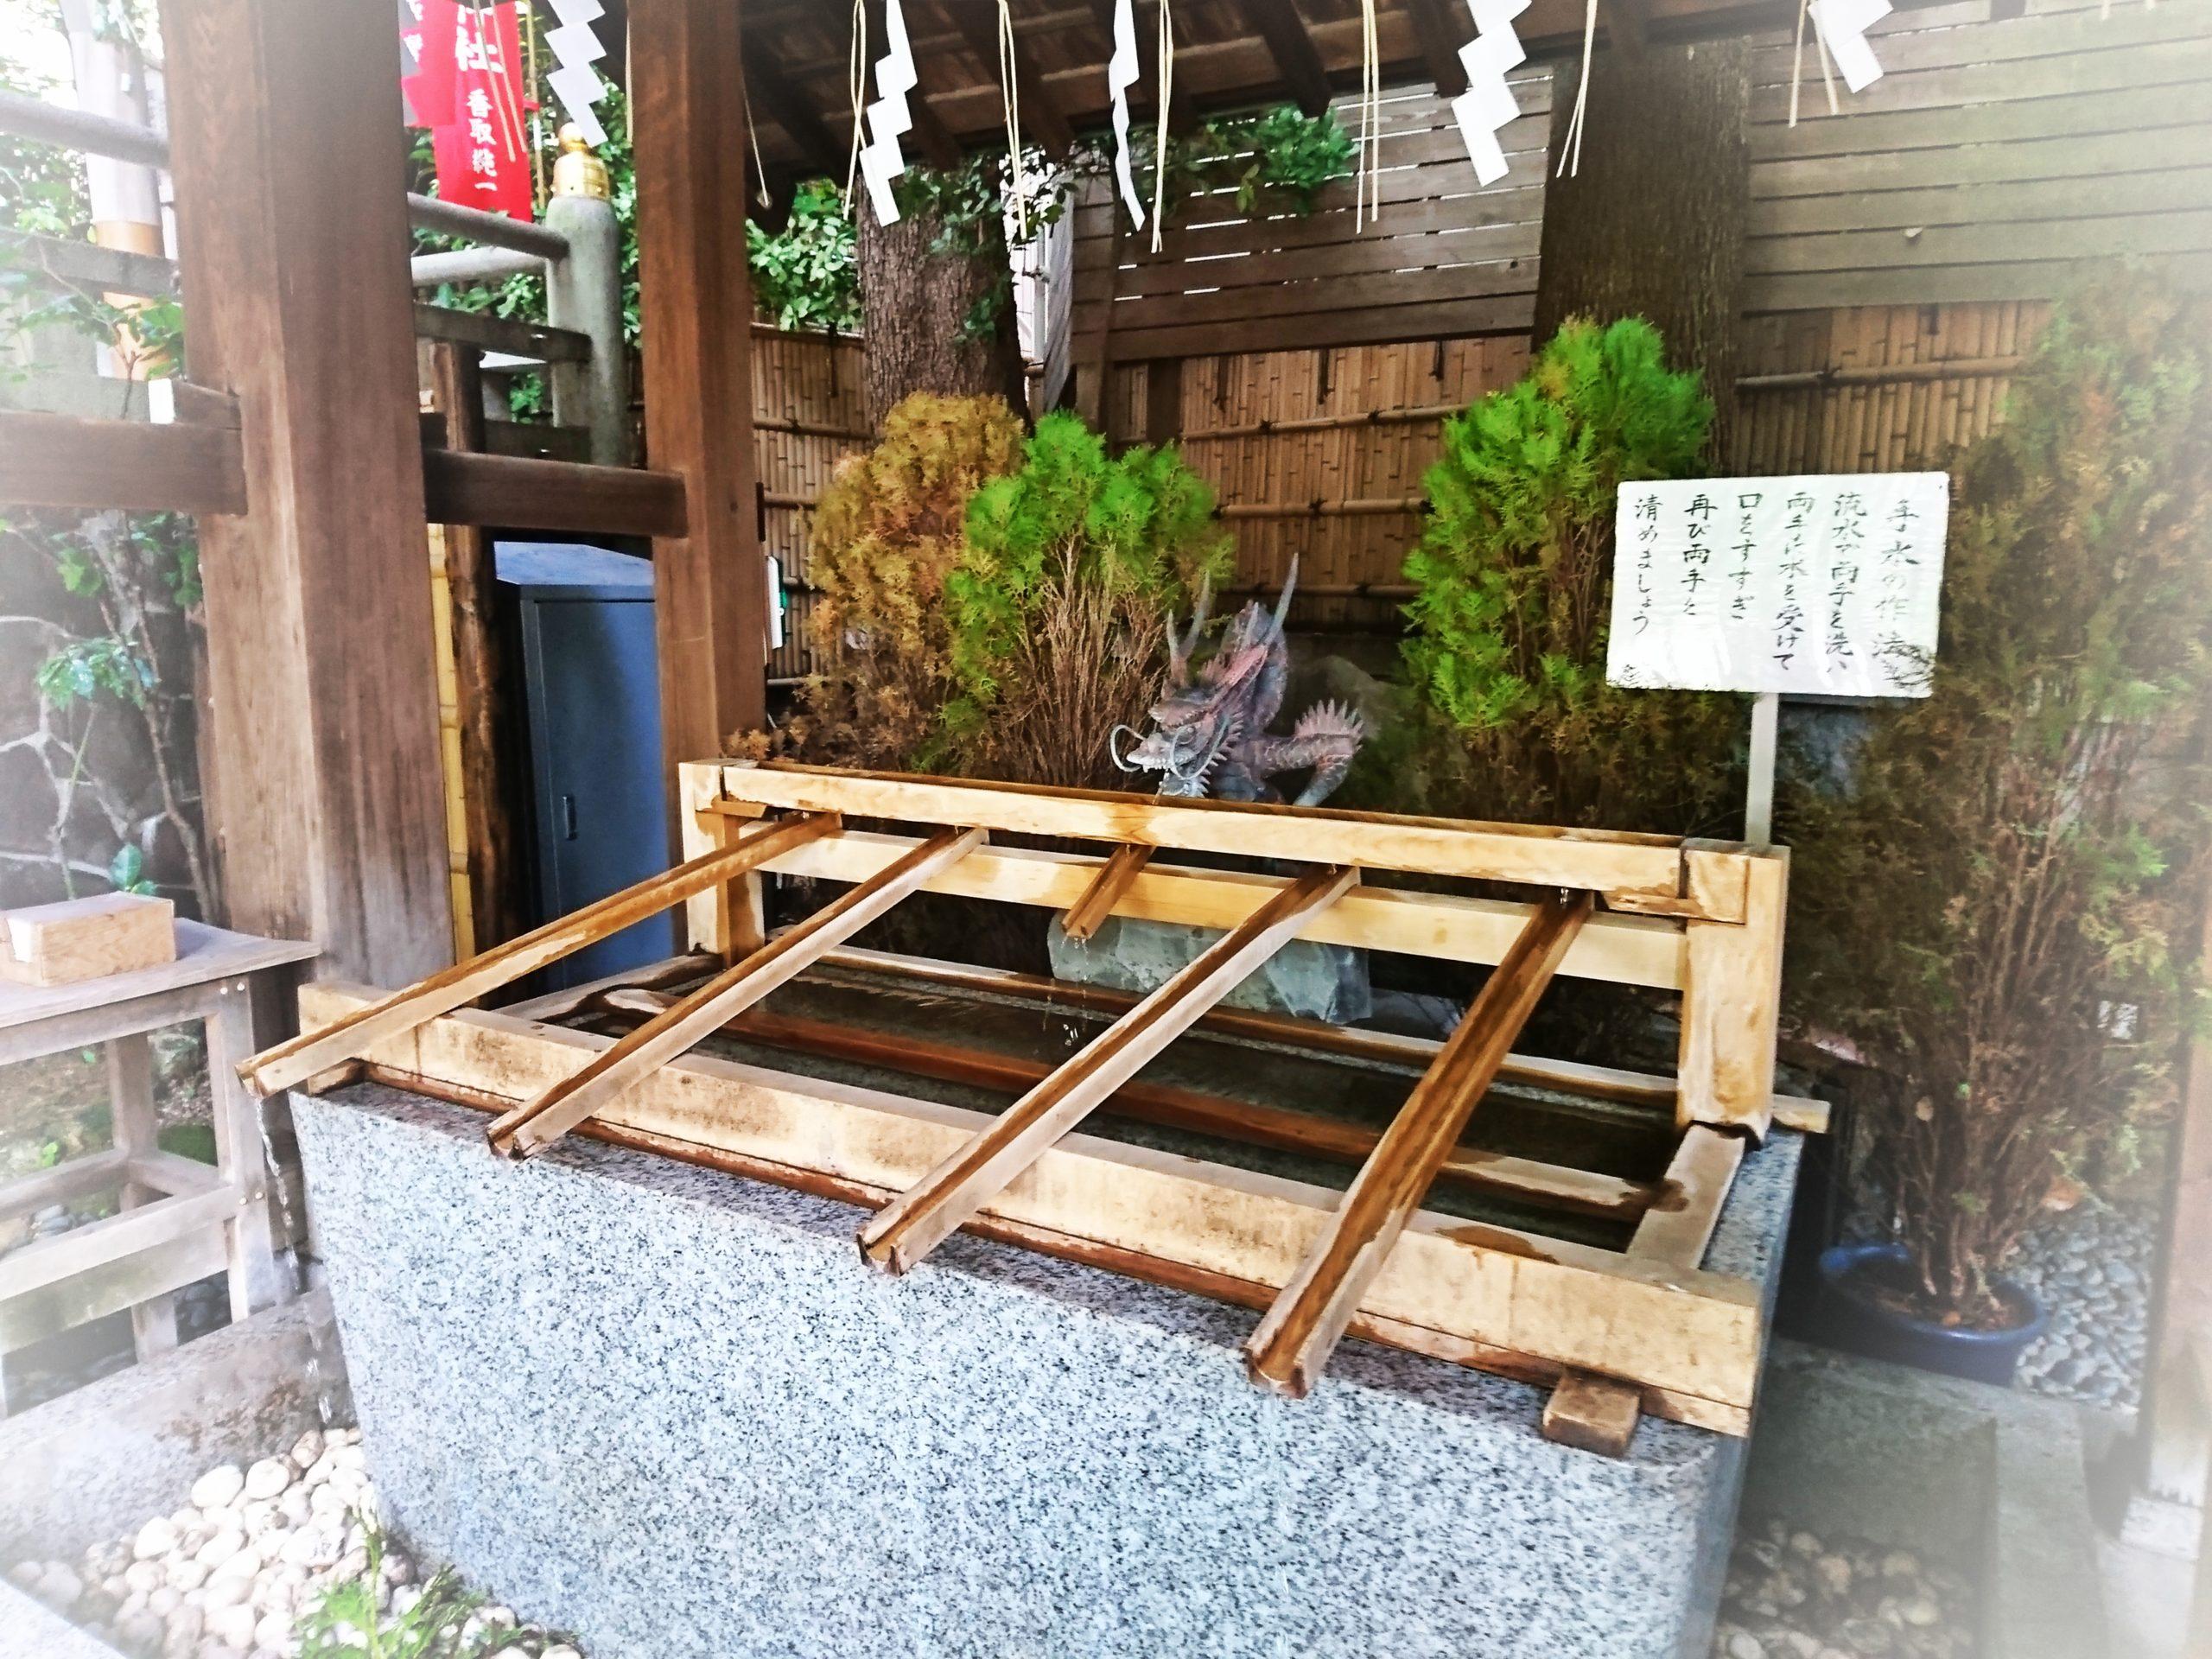 恋愛の神様で有名な東京大神宮の手水舎